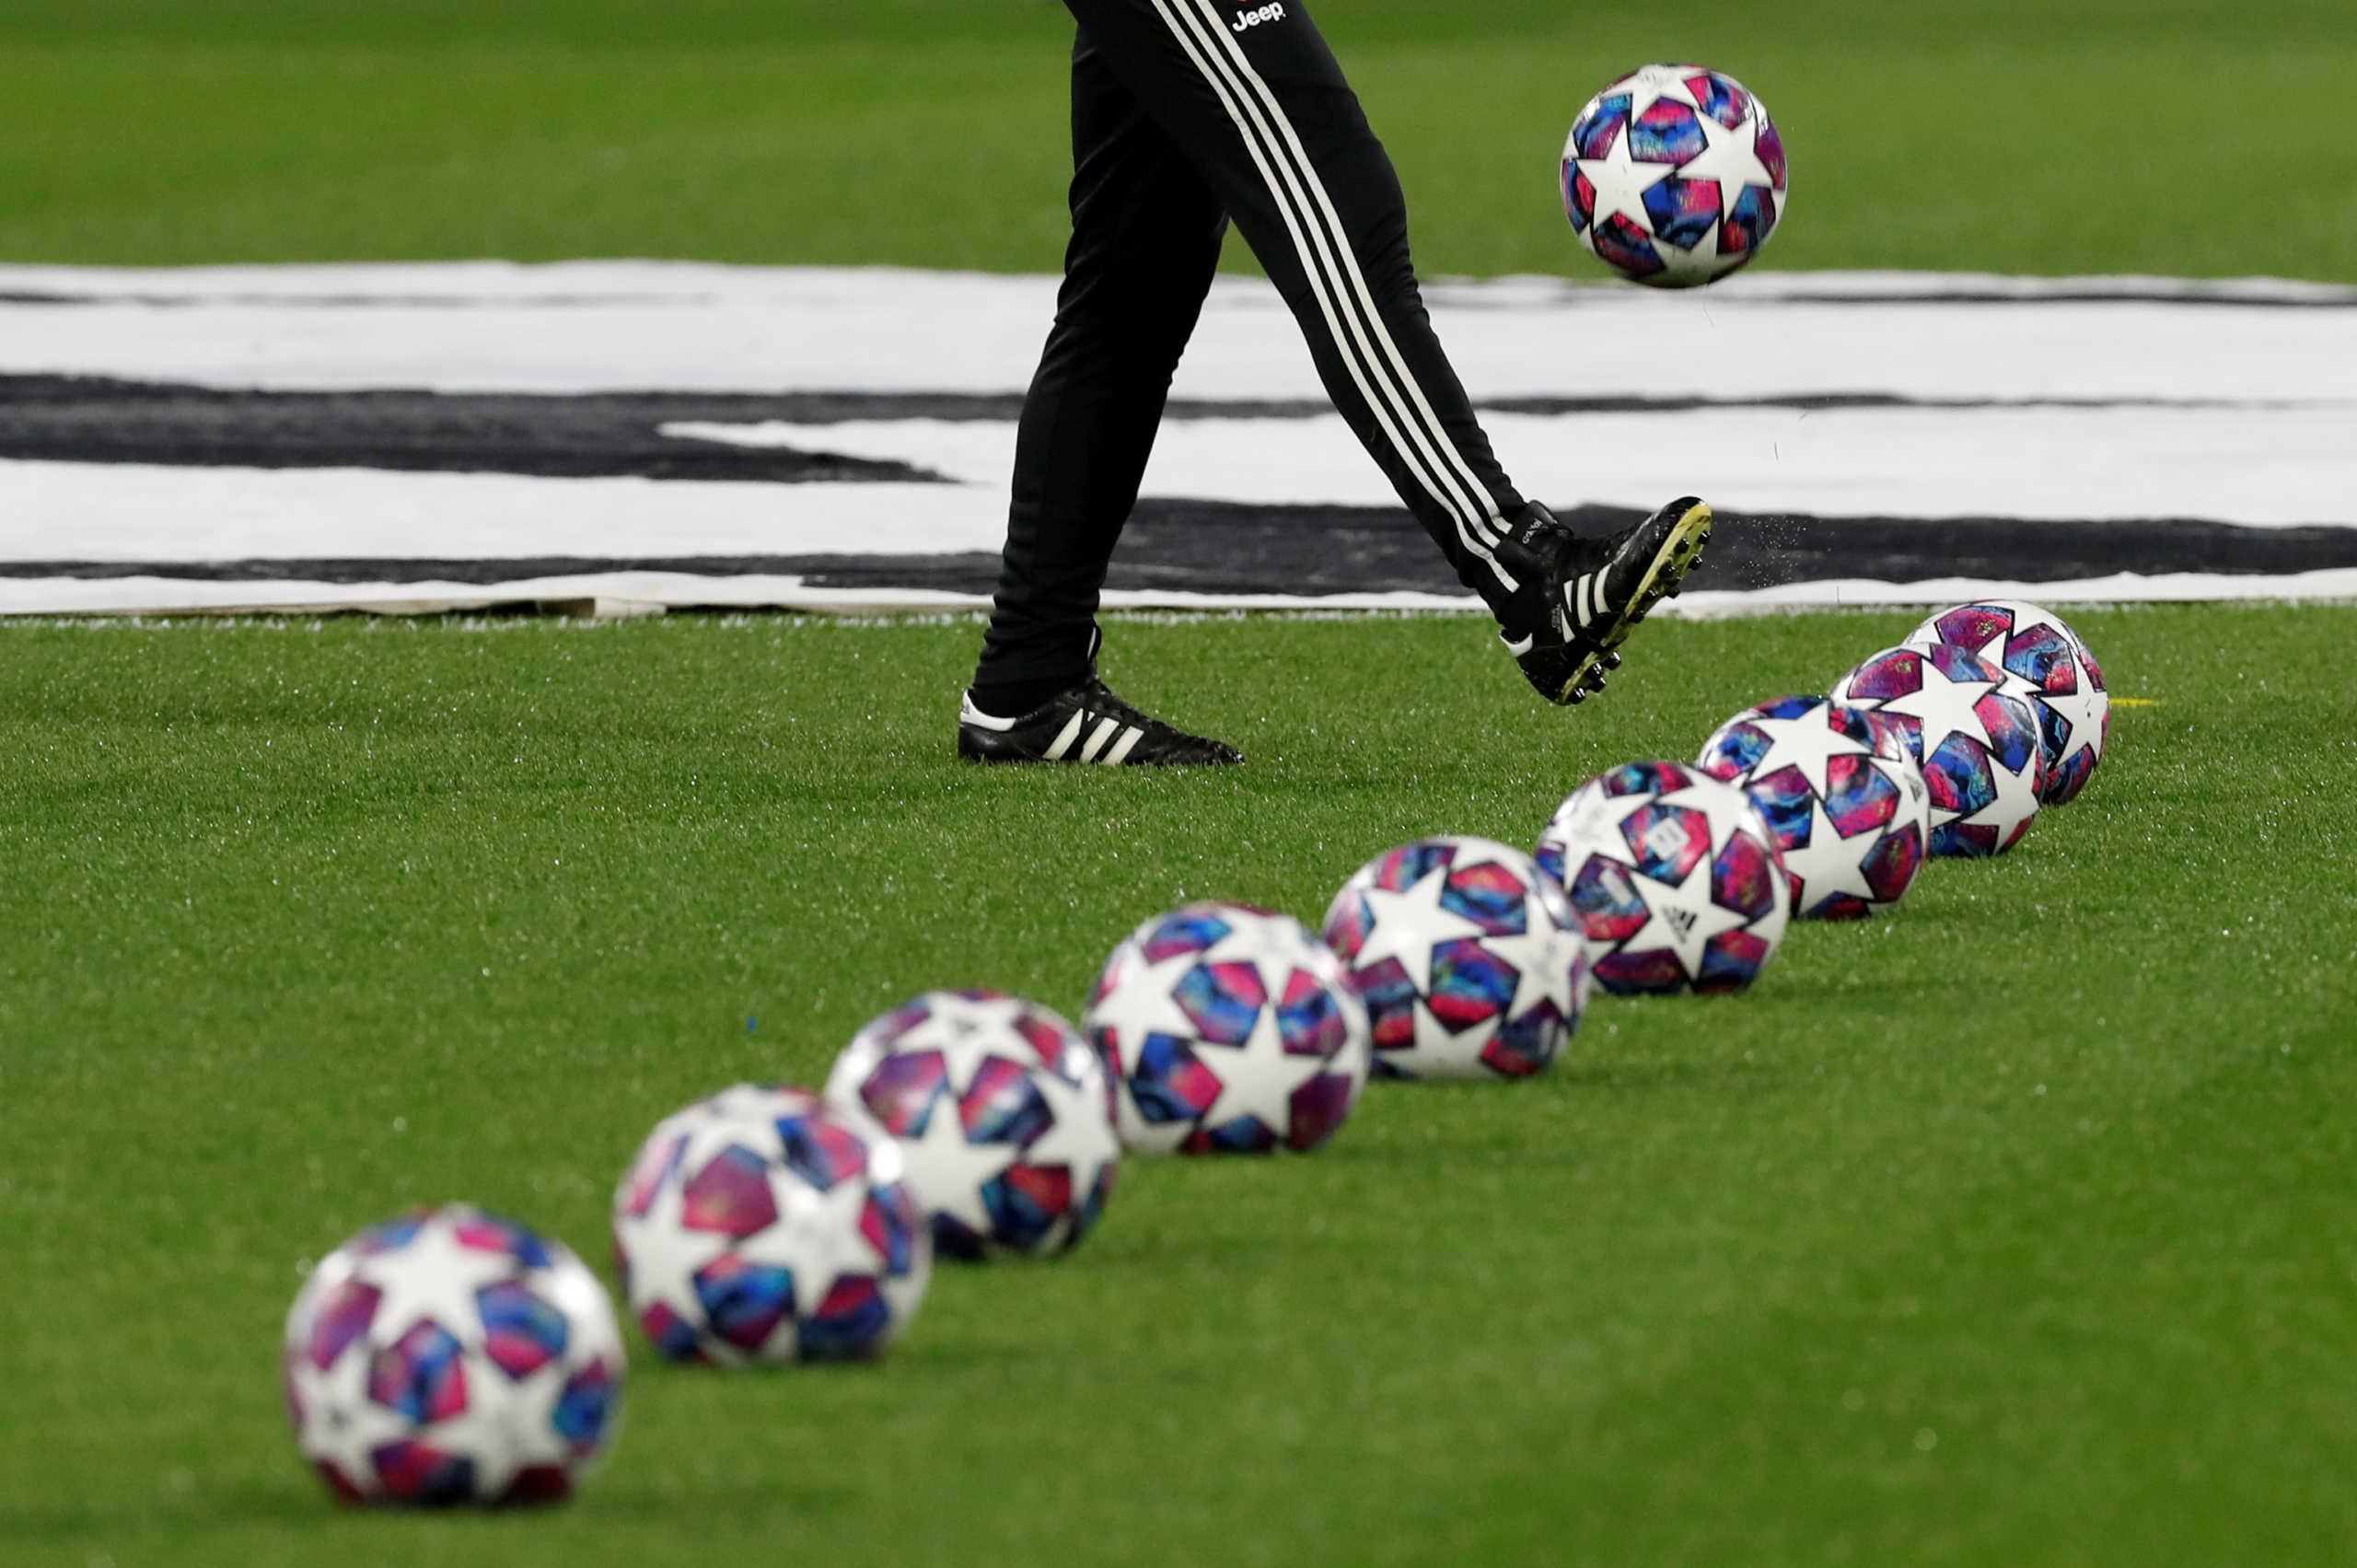 Ξεκινάει το Champions League 2020-21: Τα πρώτα παιχνίδια στα προκριματικά